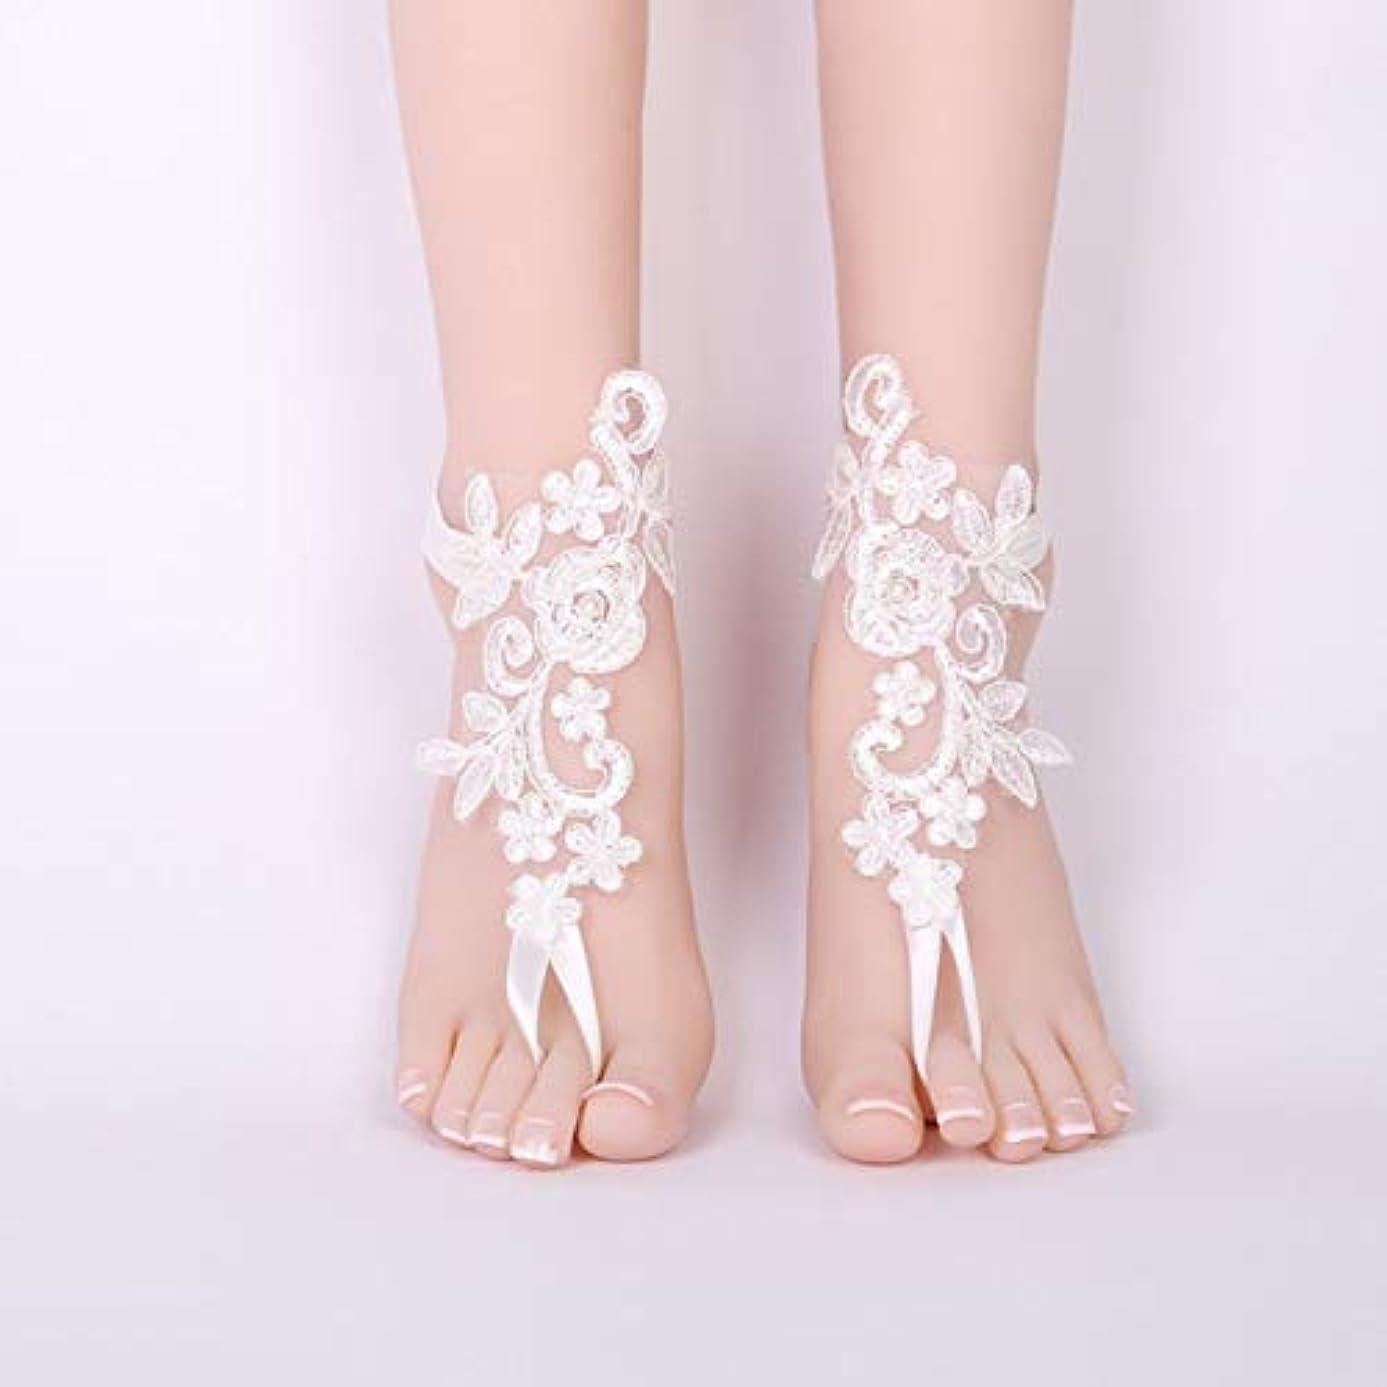 母音驚くべき呼びかけるDeeploveUU セクシーな結婚式のレースの裸足サンダルビーチ結婚式のアンクレットホワイトセクシーなジュエリーの結婚式の靴